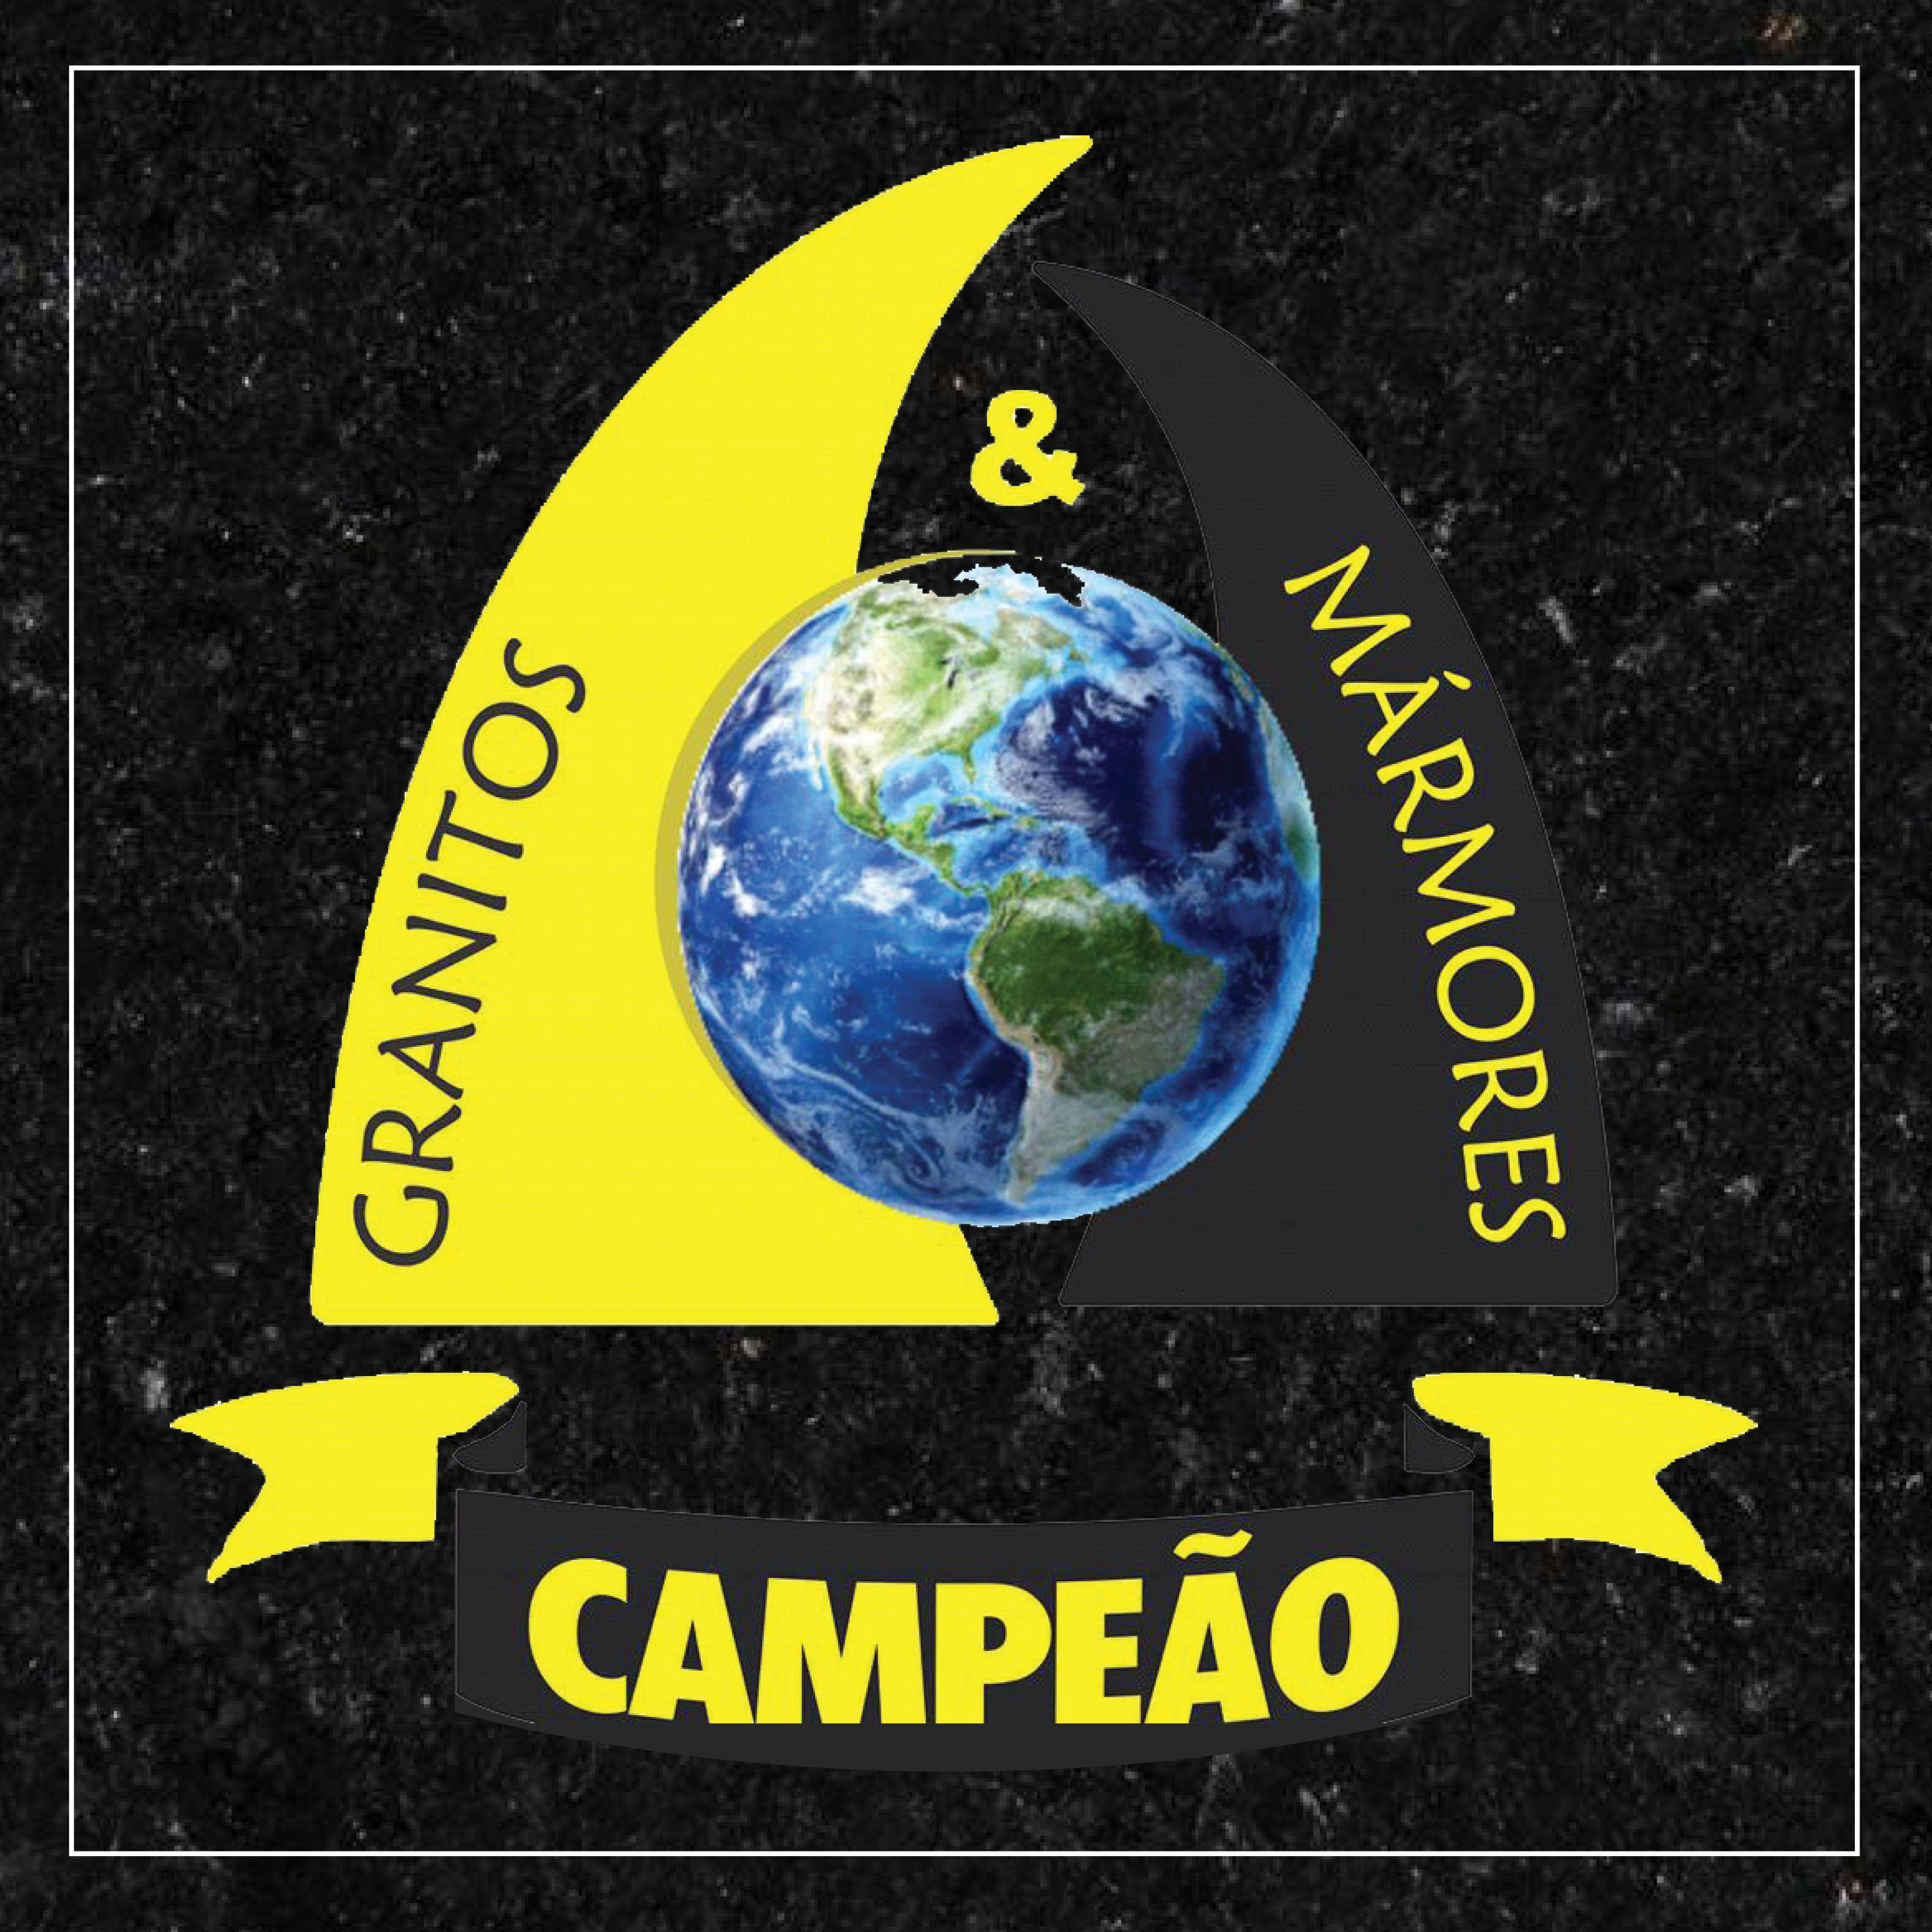 Campeão - Mármores e Granitos  em Guarujá